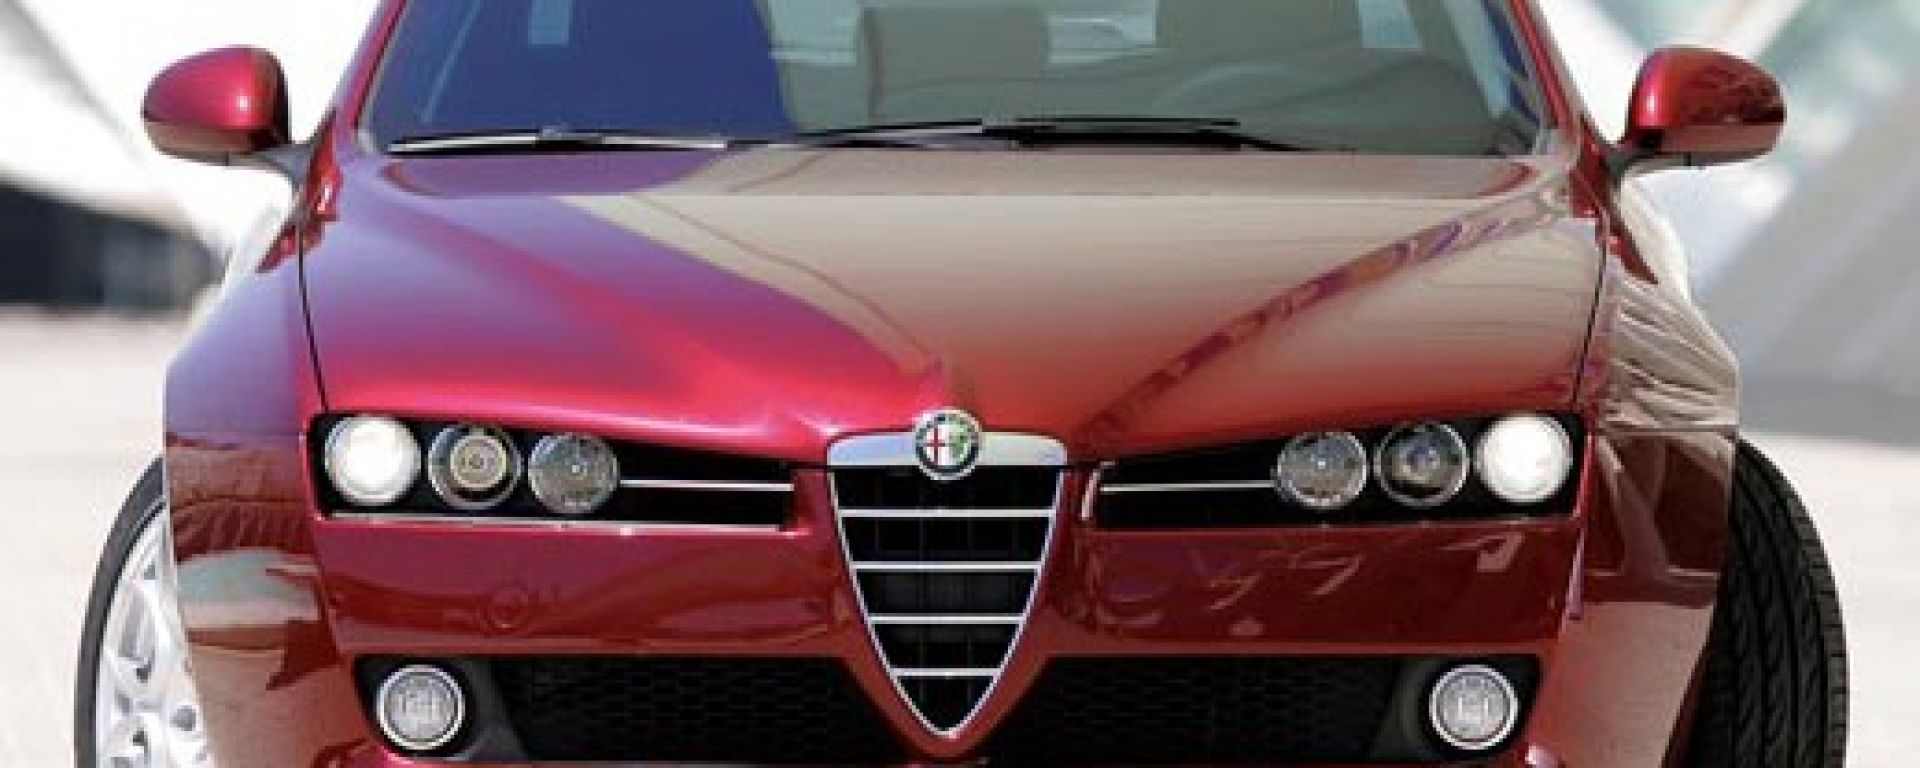 Prova Alfa Romeo 159 Motorbox